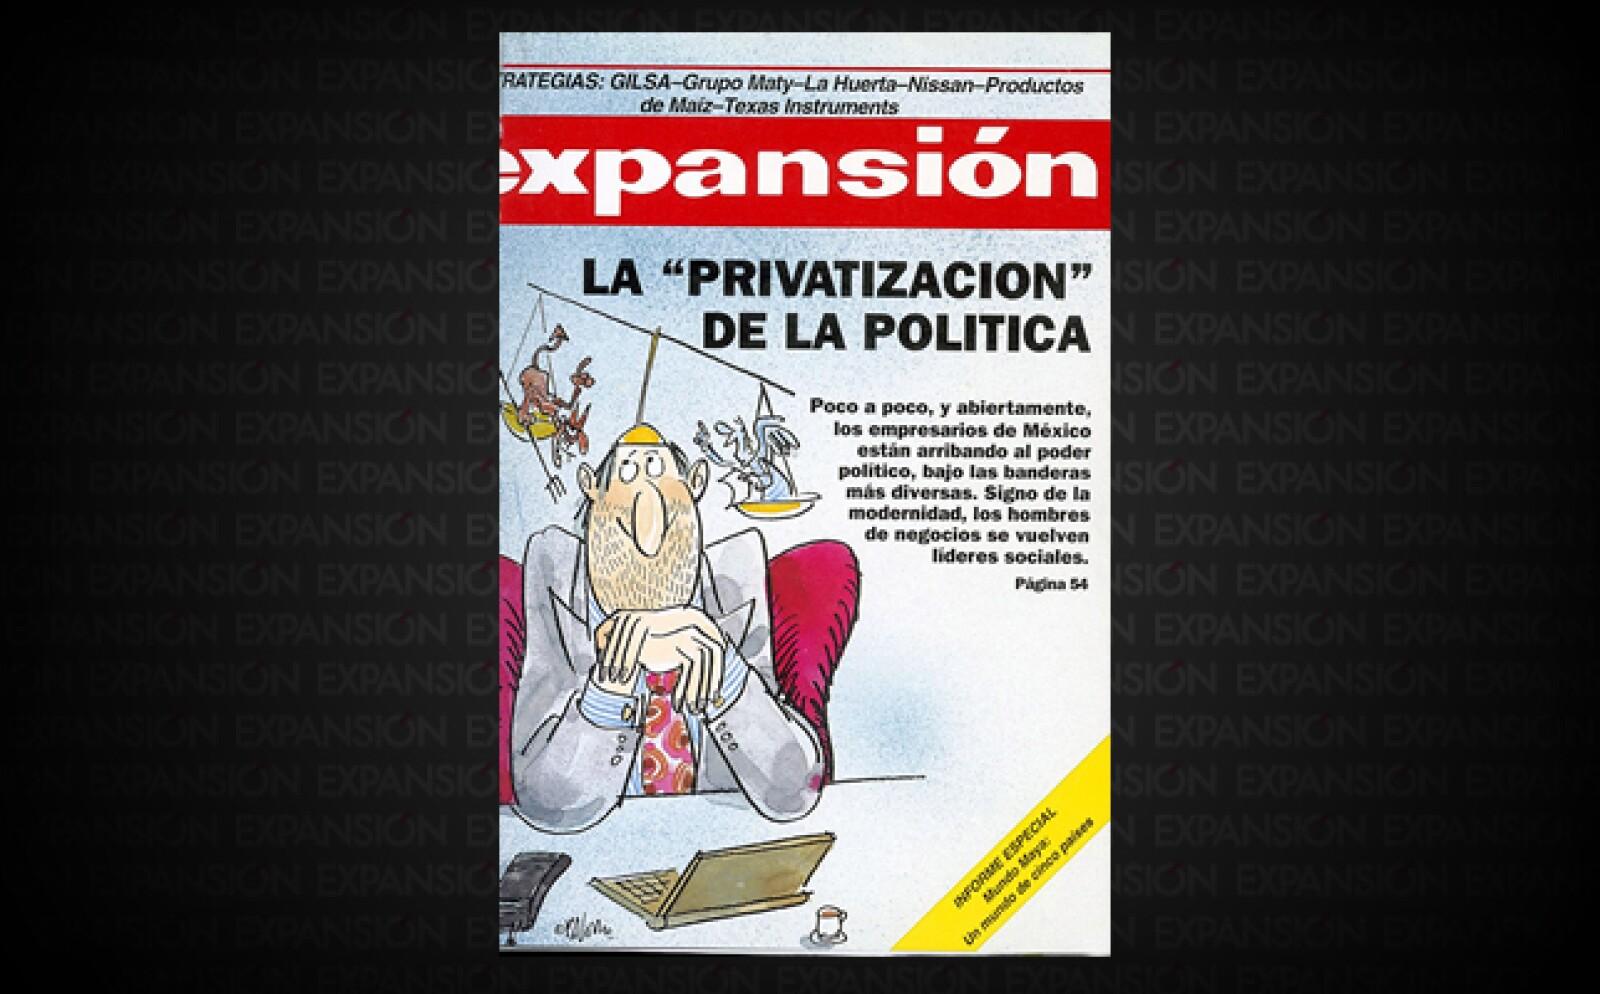 Una ola de empresarios arribaba al poder político a principios de la década y en todos los niveles de gobierno; el más emblemático Manuel Clouthier.  Le seguían otros destacados como Ernesto Ruffo Appel y Francisco Barrio.